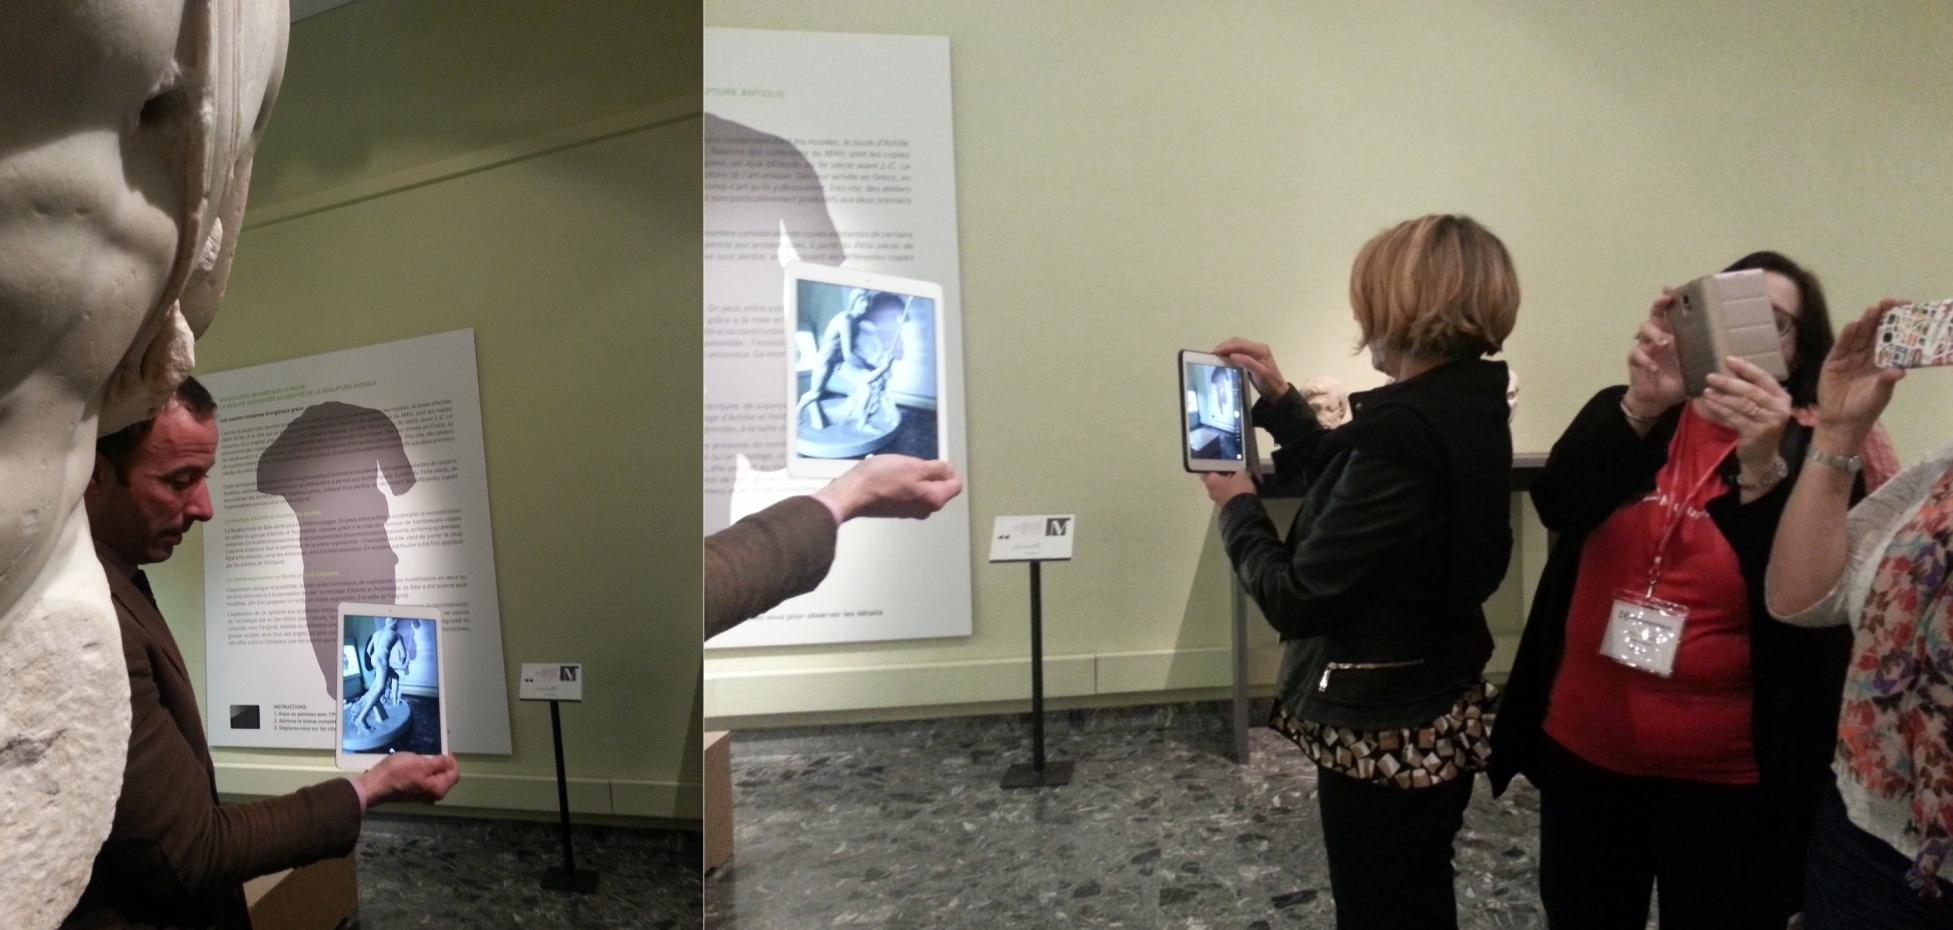 Realitat augmentada de l'escultura d'Aquil·les. Musée d'Art et d'Histoire. Fotos: Conxa Rodà